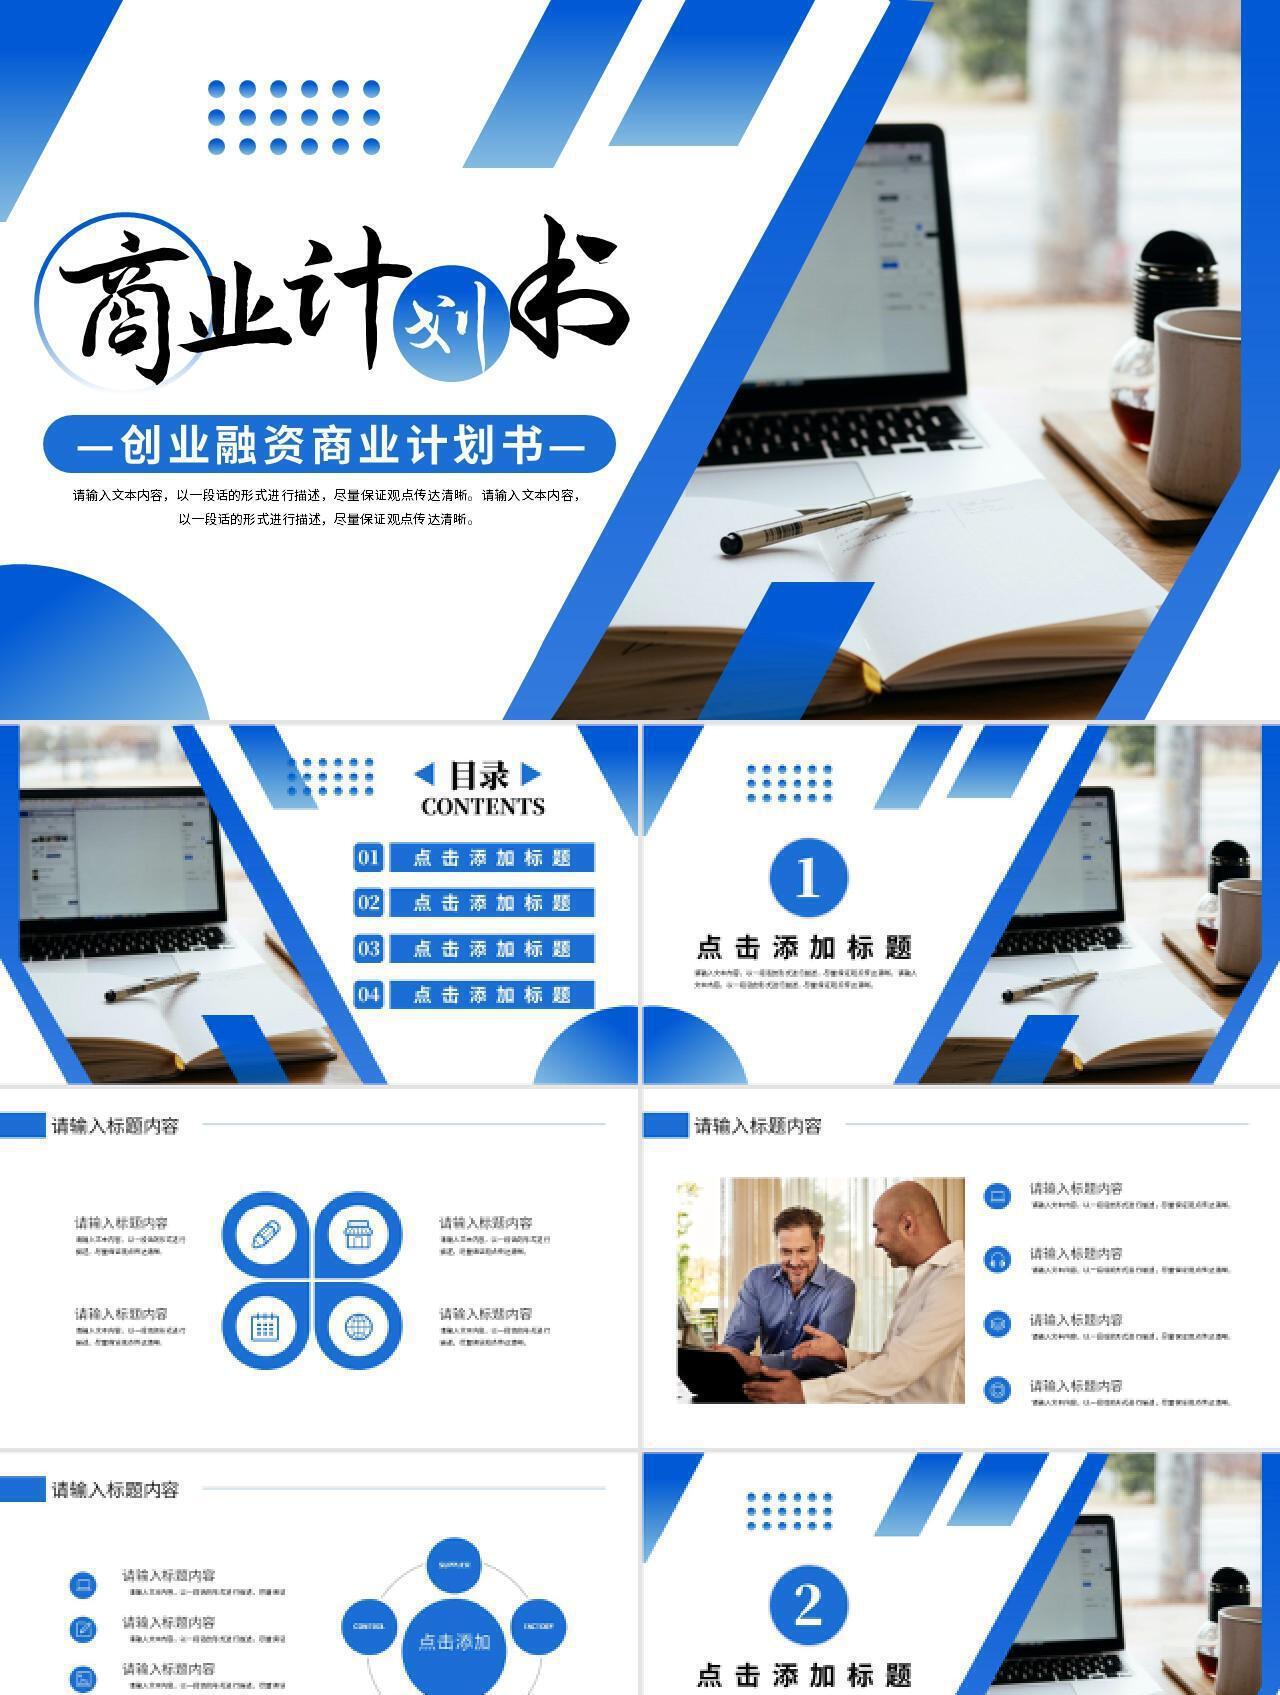 蓝色简约风创业融资商业计划书PPT模板